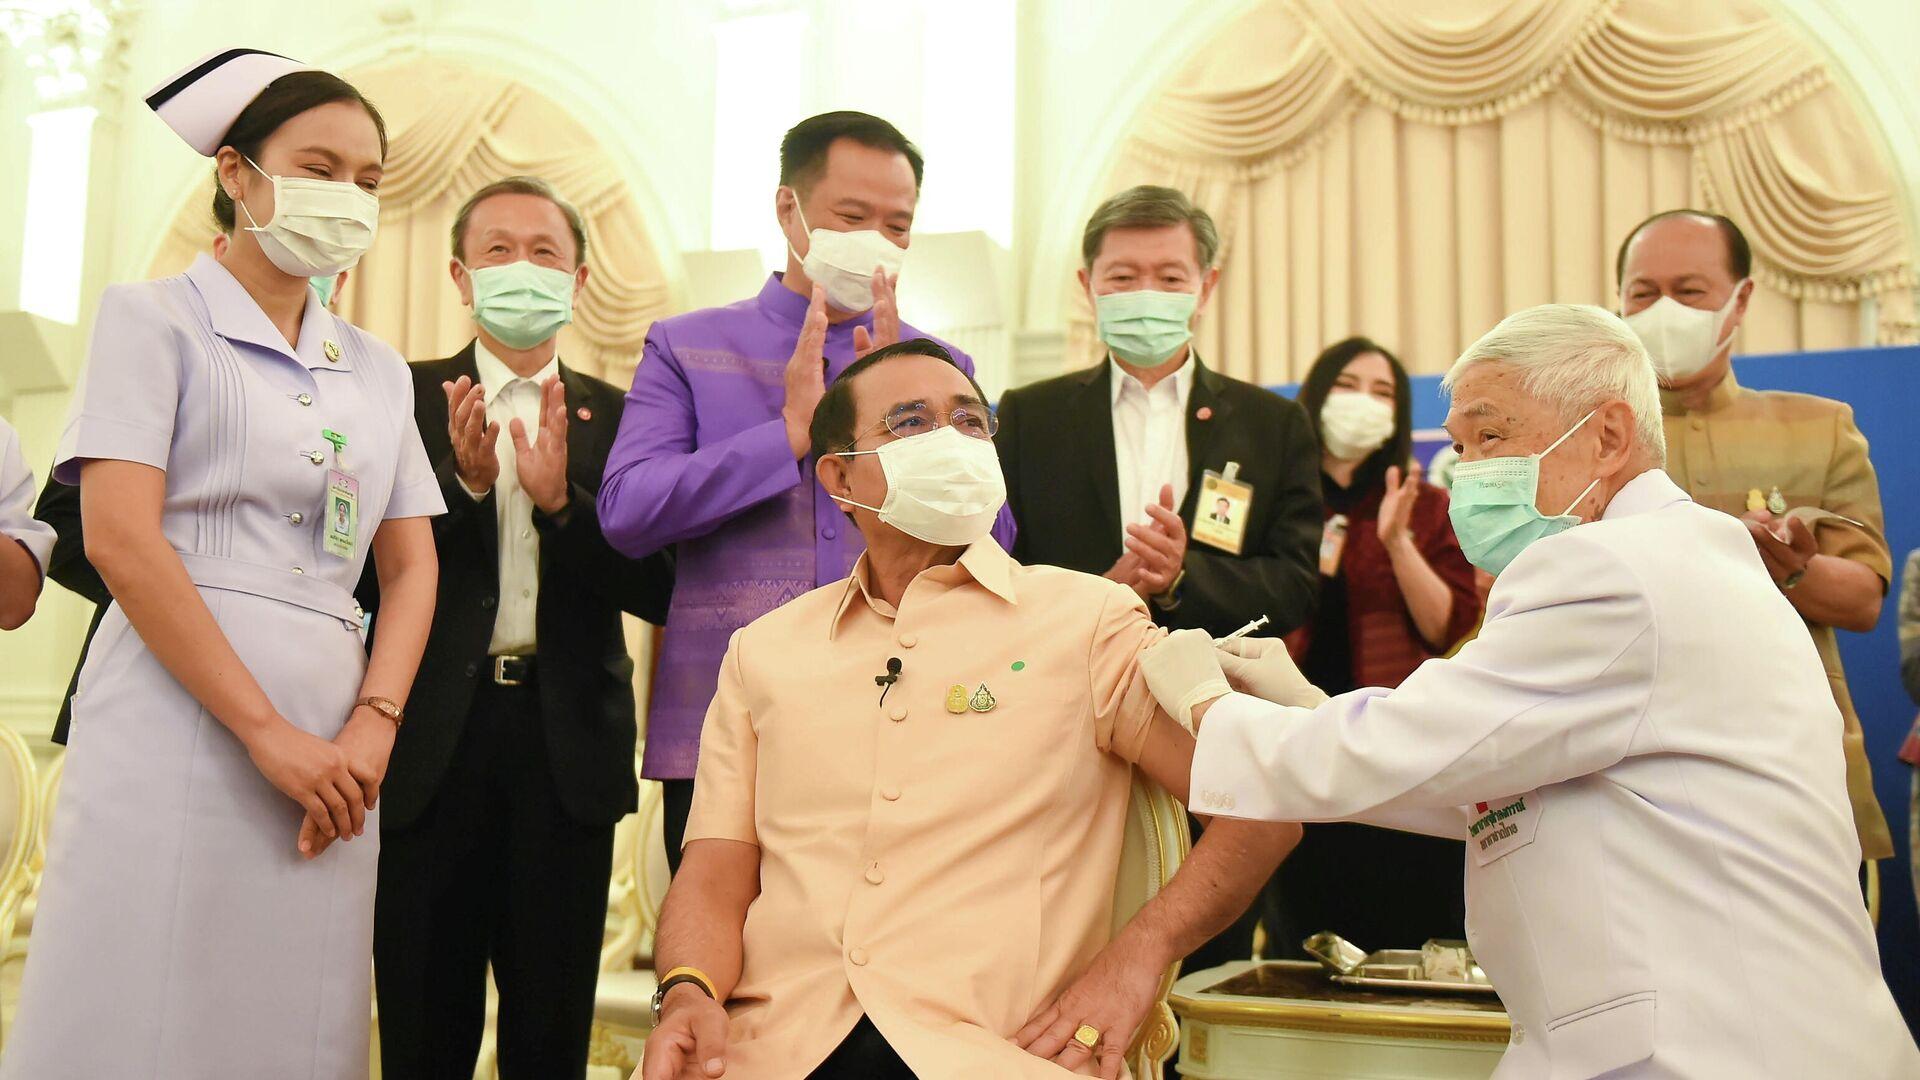 El primer ministro de Tailandia, Prayuth Chan-ocha, recibe primera dosis de AstraZeneca - Sputnik Mundo, 1920, 16.03.2021